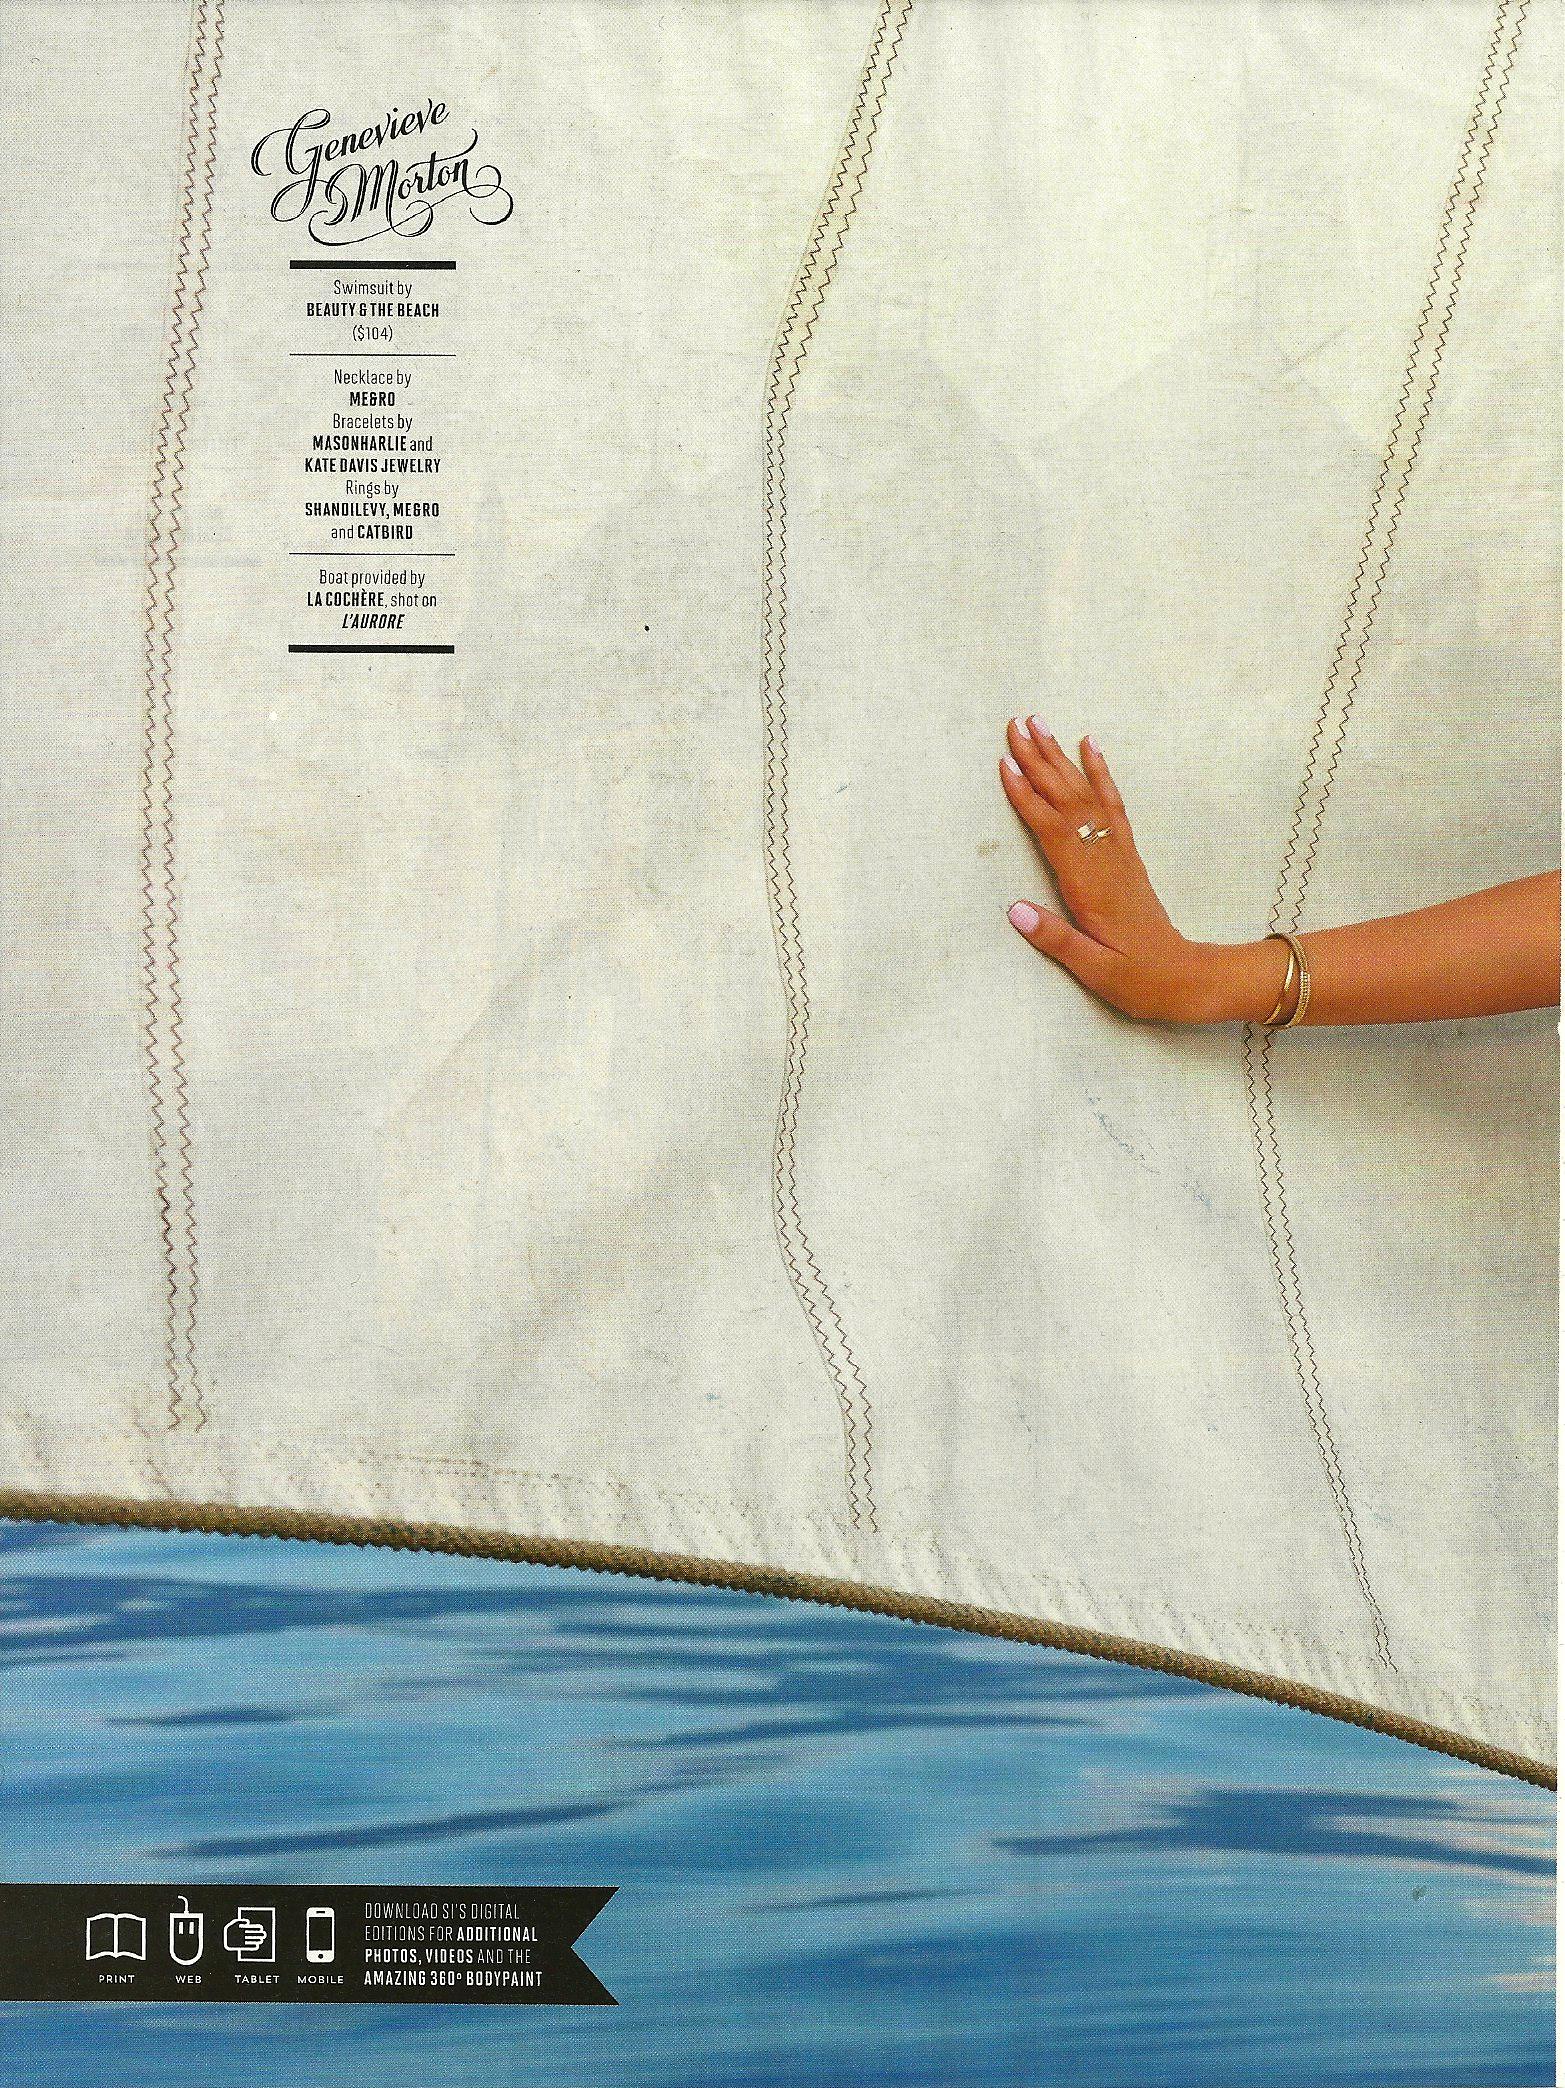 SI Swim 50th Anniversary - Genevieve Morton